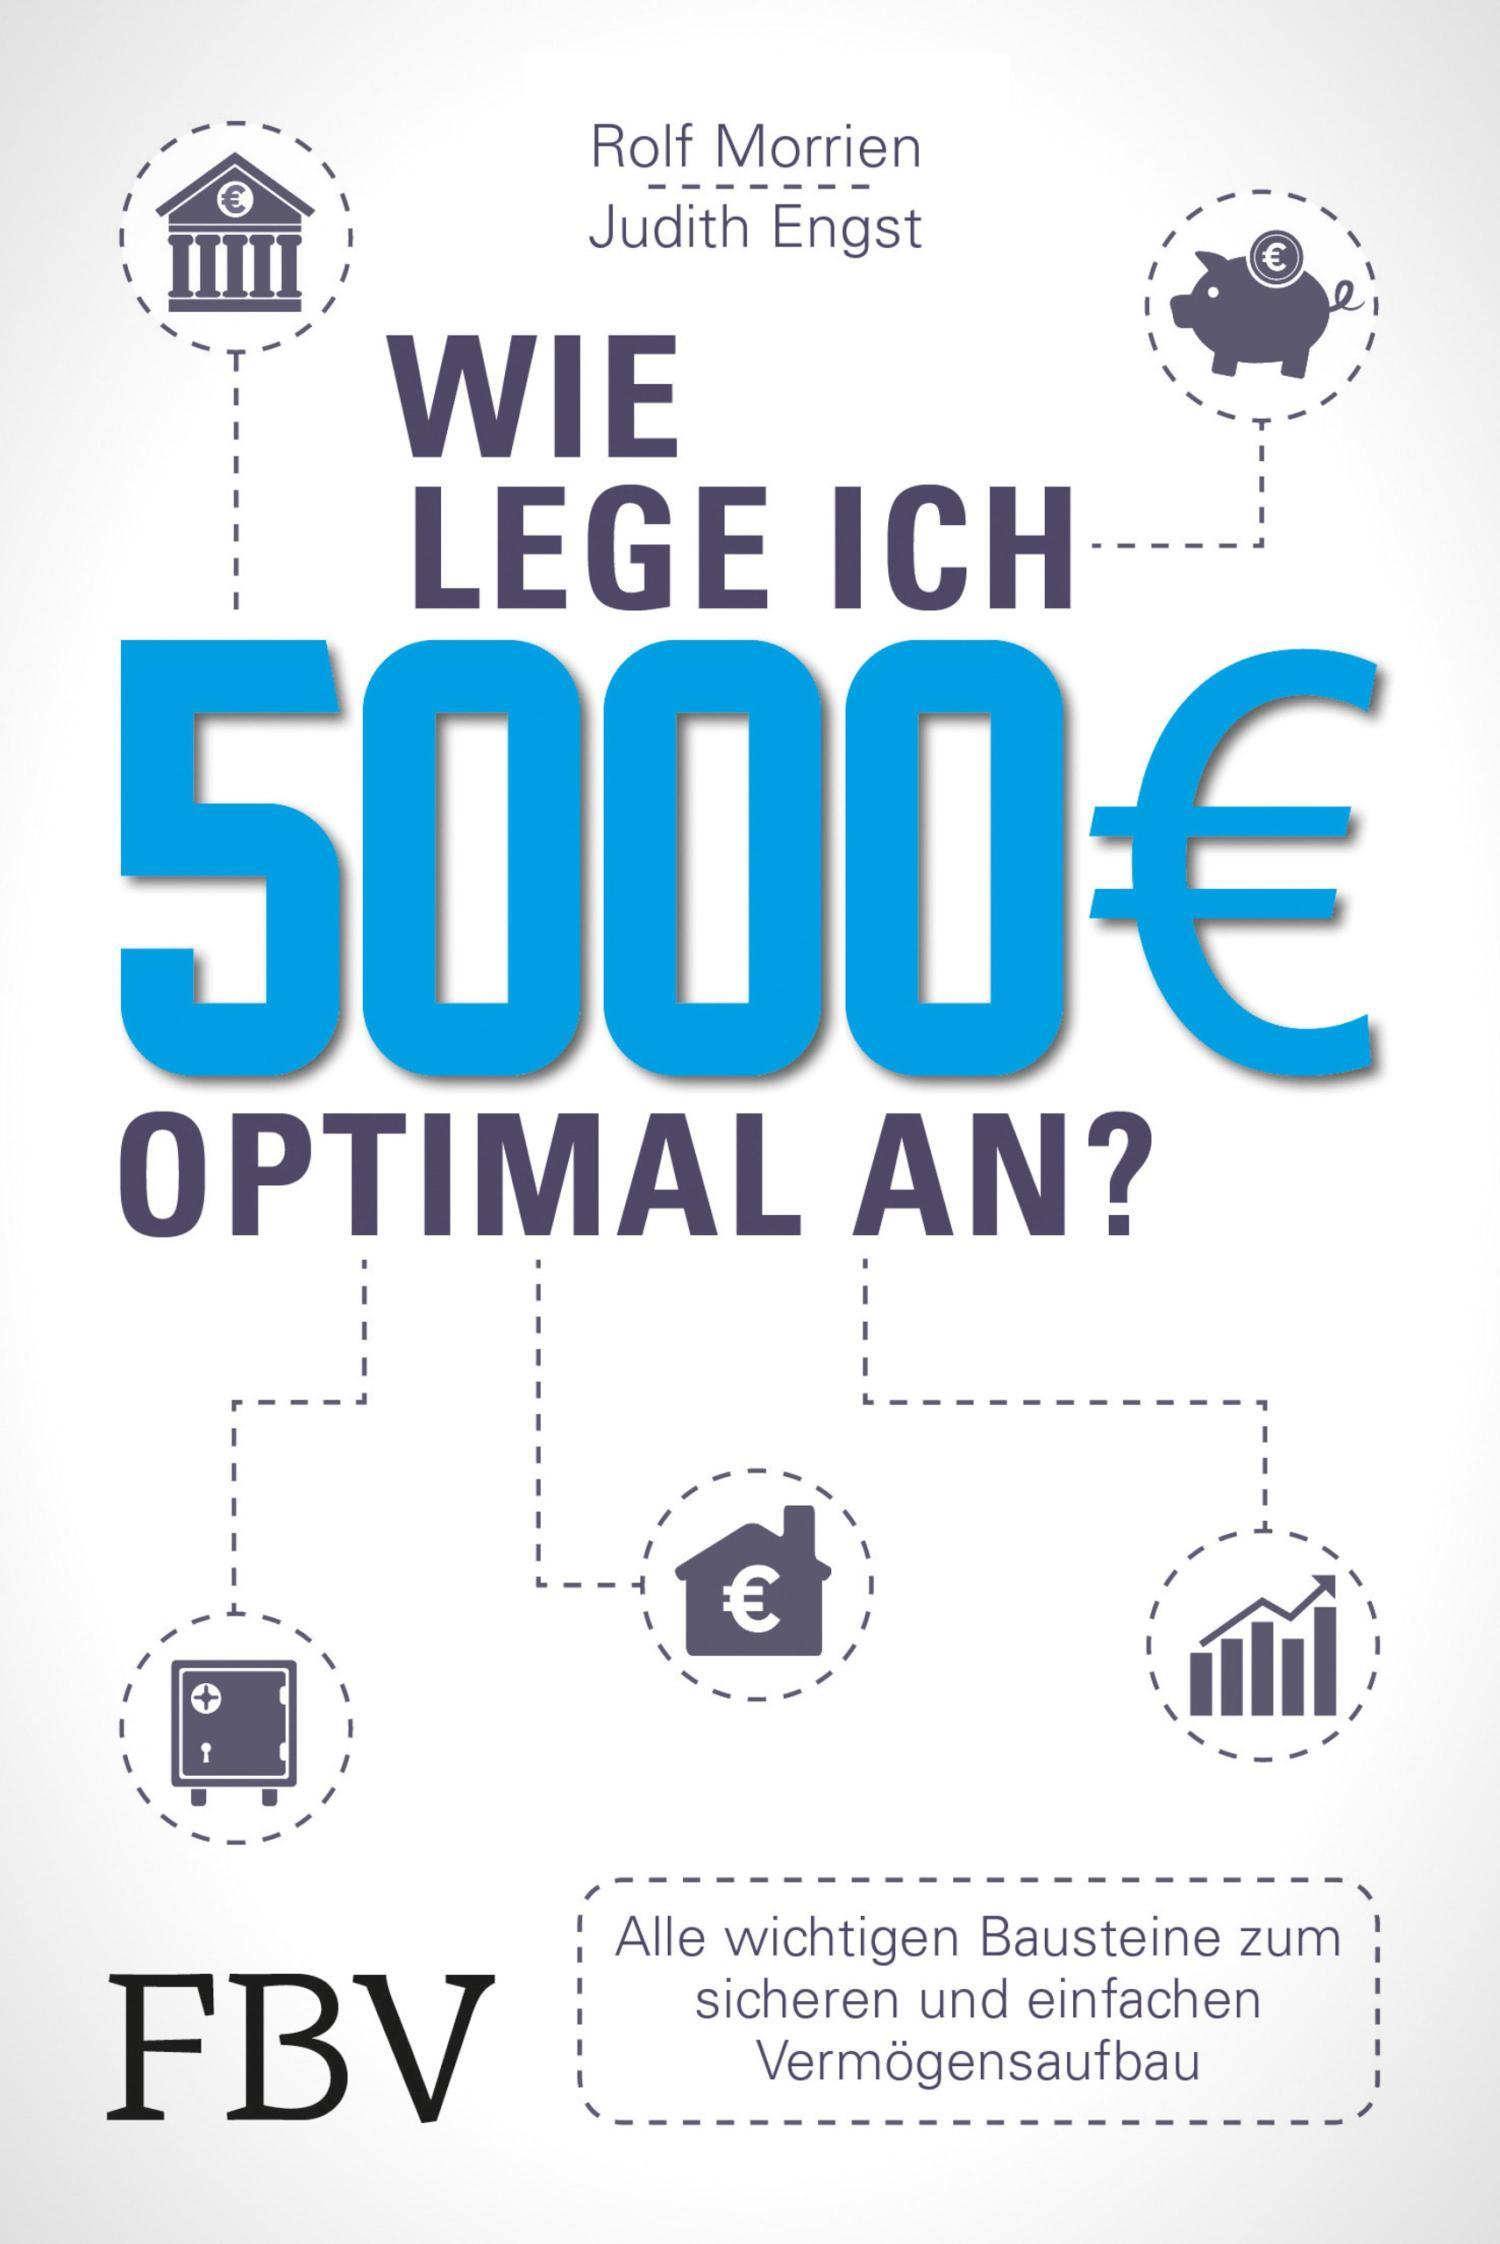 Wie lege ich 5000 Euro optimal an? Alle wichtigen Bausteine zum sicheren und einfachen Vermögensaufbau